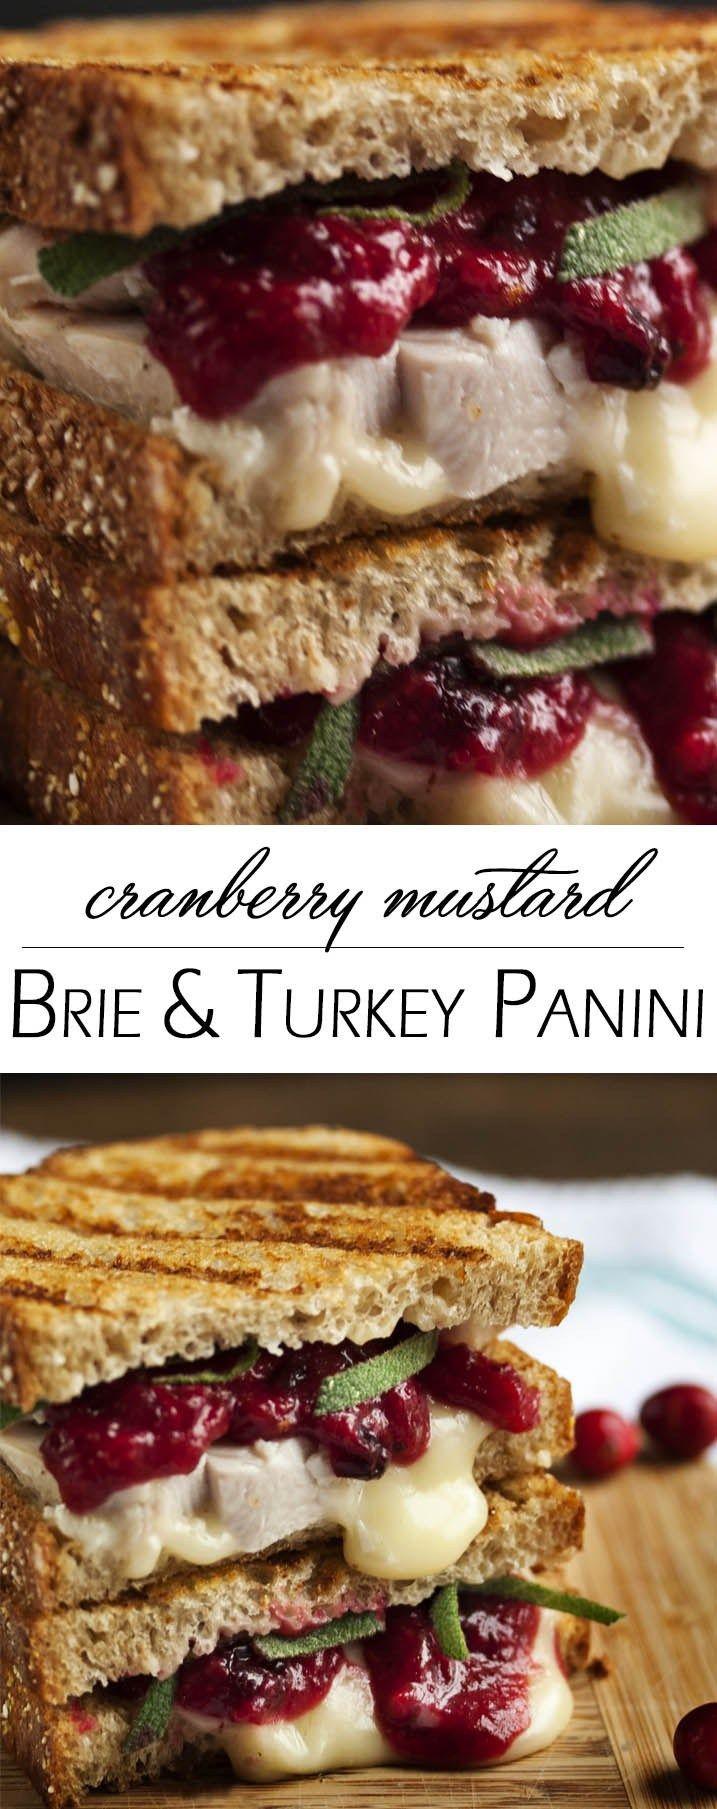 ... Recipes: Panini's on Pinterest | Bacon, Turkey bacon and Panini press